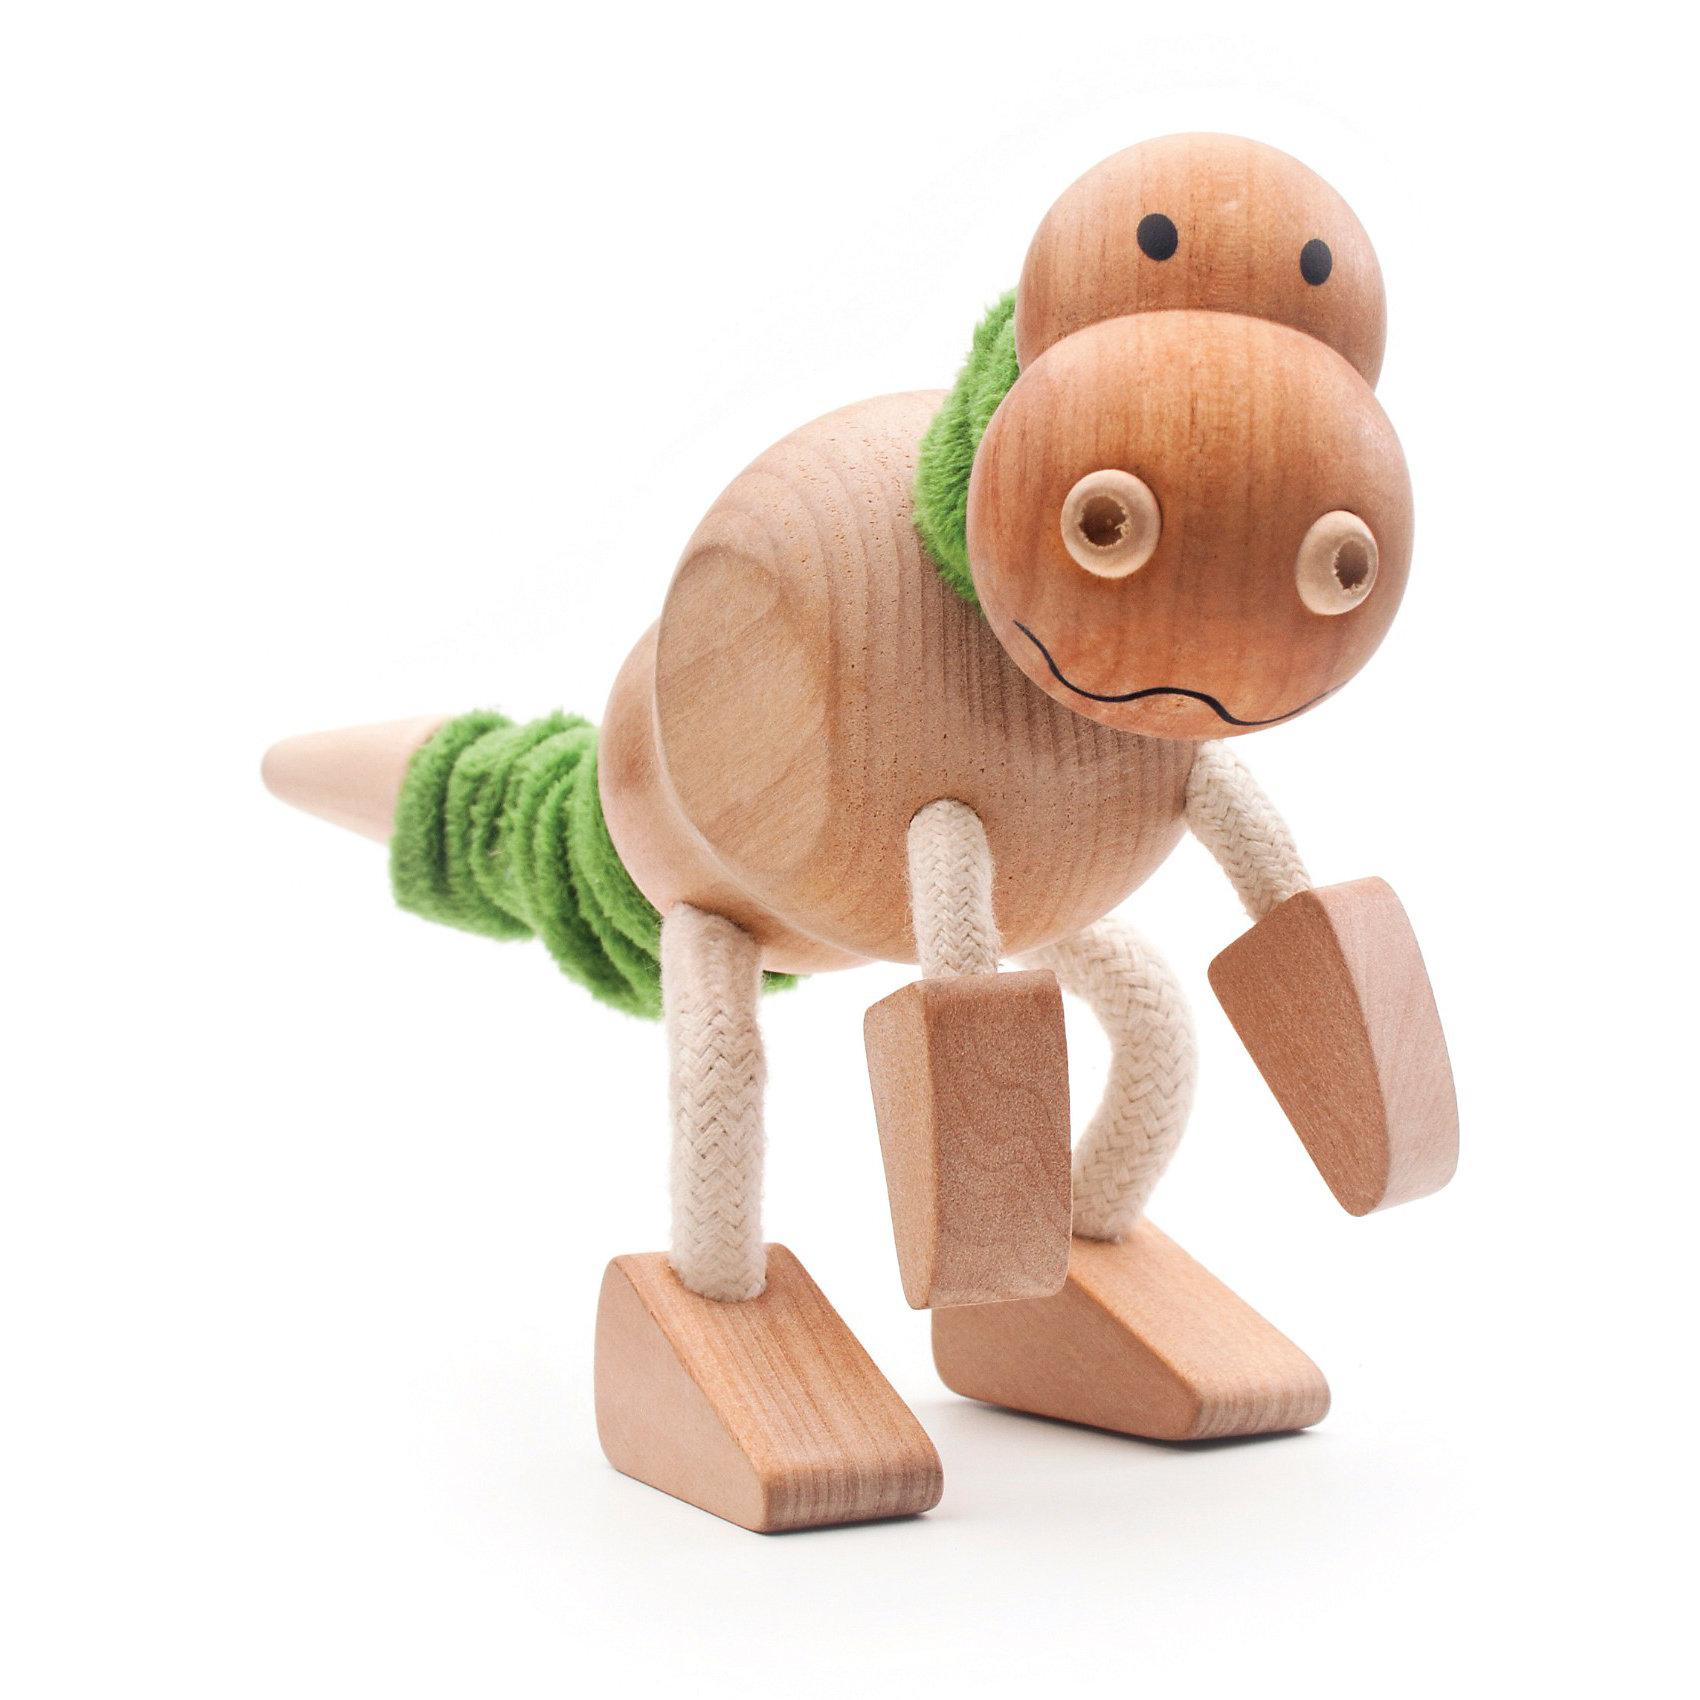 Рэкс, AnaMalzМир животных<br>AnaMalz – самые милые деревянные игрушки на свете!<br><br>Придуманные австралийским дизайнером Луизой Косан-Скотт,<br>игрушки AnaMalz завоевали более 15 отраслевых наград, включая Австралийскую международную награду в области дизайна, присуждаемую организацией Standards Australia.<br>- Игрушки AnaMalz предназначены для детей от 3 лет<br><br>- AnaMalz изготовлены из дерева, называемого schima superba или «игольчатое дерево» (быстрорастущее дерево, выращиваемое на лесных плантациях)<br><br>- Рога изготовлены из термопластичной резины (TPR) – материала, одобренного Управлением по контролю качества пищевых продуктов и медикаментов (FDA). Смесь TPR с древесной мукой является экологичной альтернативой пластмассе<br><br>- Все игрушки AnaMalz раскрашиваются вручную с использованием безопасной для детей краски и клея без содержания формальдегида<br><br>- Древесные отходы от производства AnaMalz используются на ферме для выращивания грибов<br><br>AnaMalz завоевали популярность во всем мире. Они стали участниками телевизионных шоу TODAY, шоу Марты Стюарт, Daily Candy Kids и USA Today Weekend. <br><br>Наши маленькие деревянные друзья покорили сердца самых строгих критиков отрасли – и получили множество «игрушечных» наград!<br><br>Ширина мм: 200<br>Глубина мм: 50<br>Высота мм: 160<br>Вес г: 117<br>Возраст от месяцев: 36<br>Возраст до месяцев: 168<br>Пол: Унисекс<br>Возраст: Детский<br>SKU: 3807621